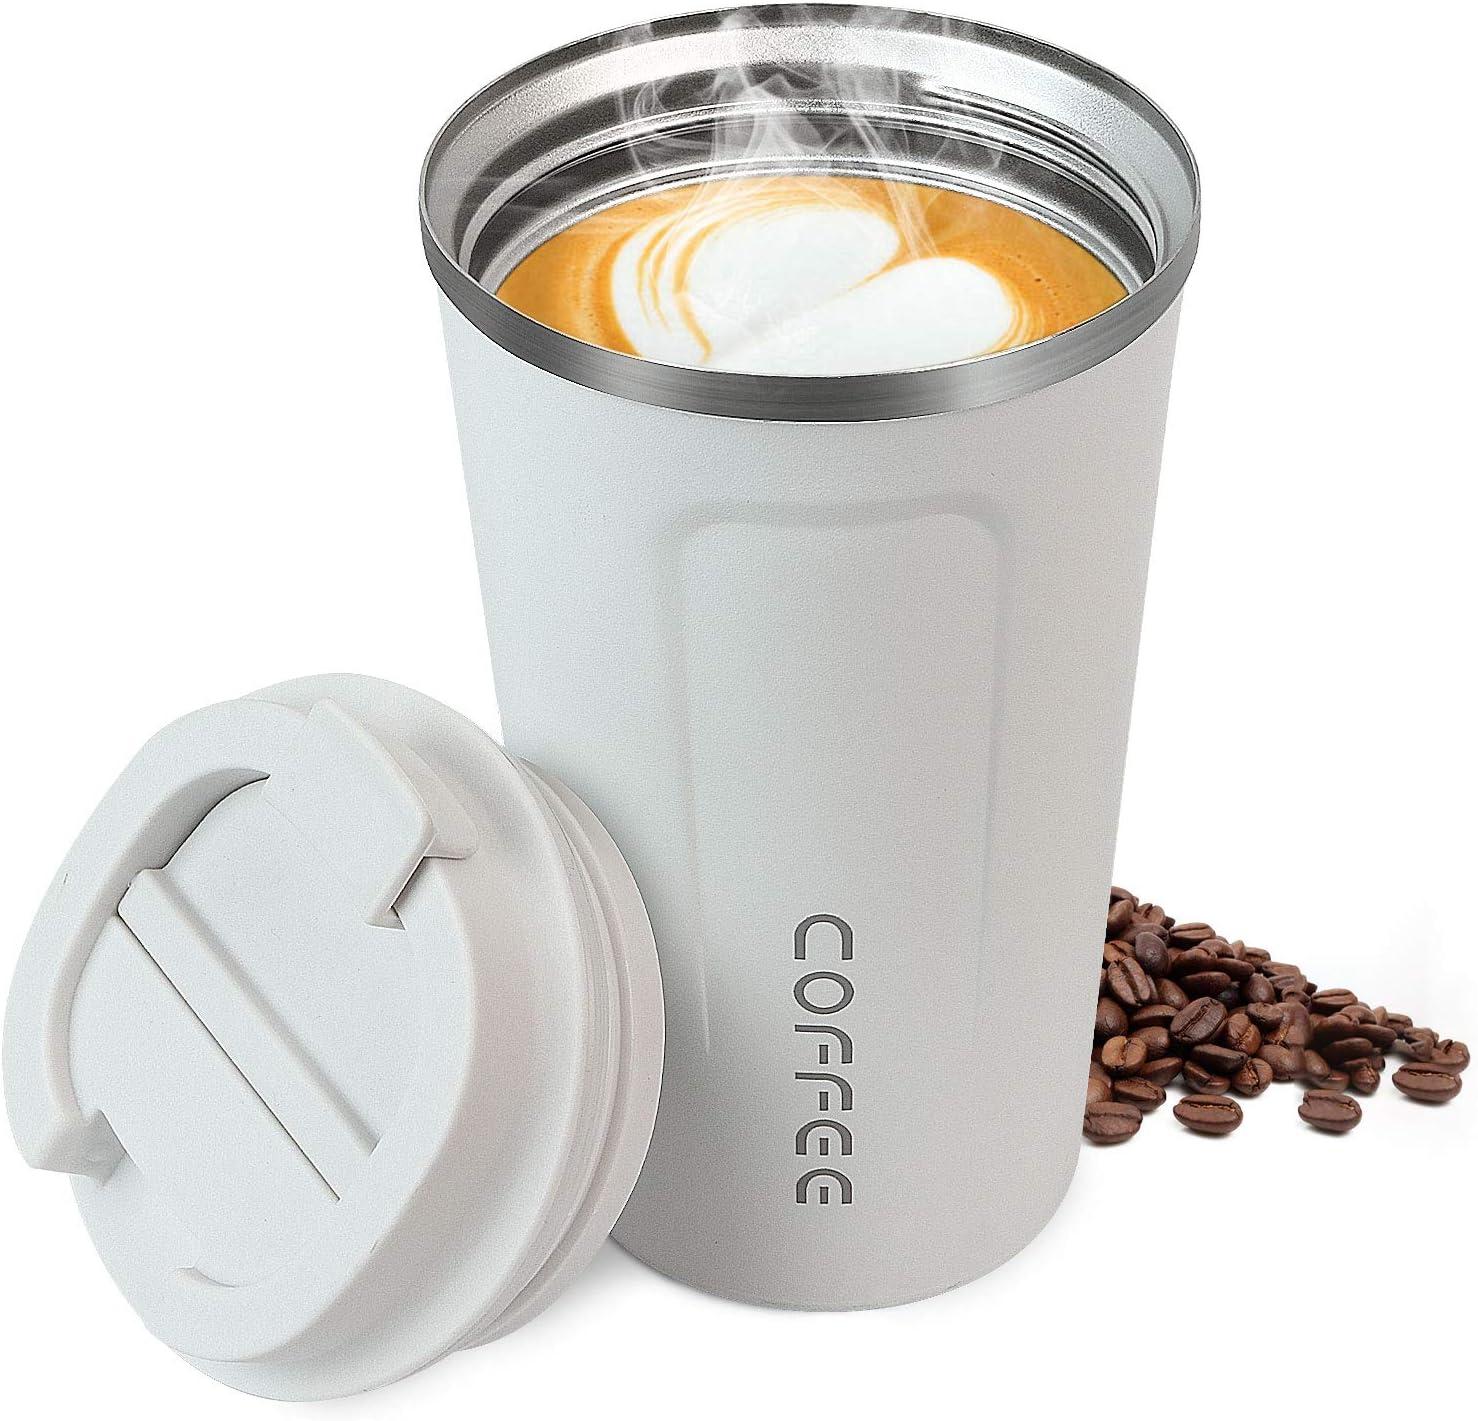 Taza de Café, Taza de Viaje de Acero Inoxidable Taza de Café Para Llevar sin BPA Taza Térmica Matt Mantiene 6 h Caliente / Fría Taza de Viaje de Café y té con Aislamiento de Doble Pared de Acero